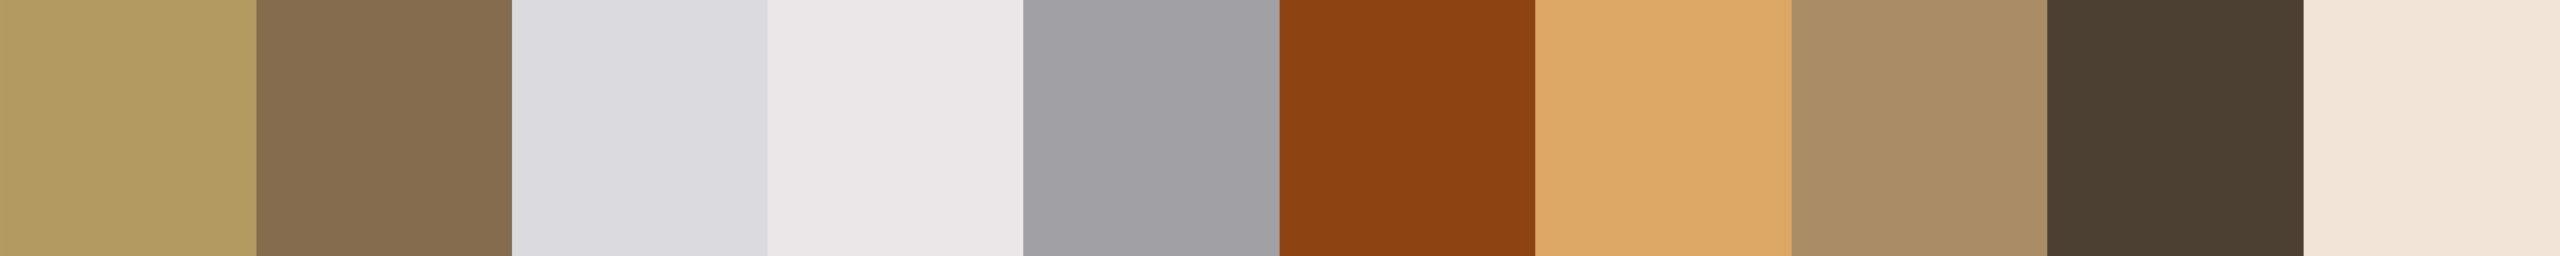 648 Altheana Color Palette